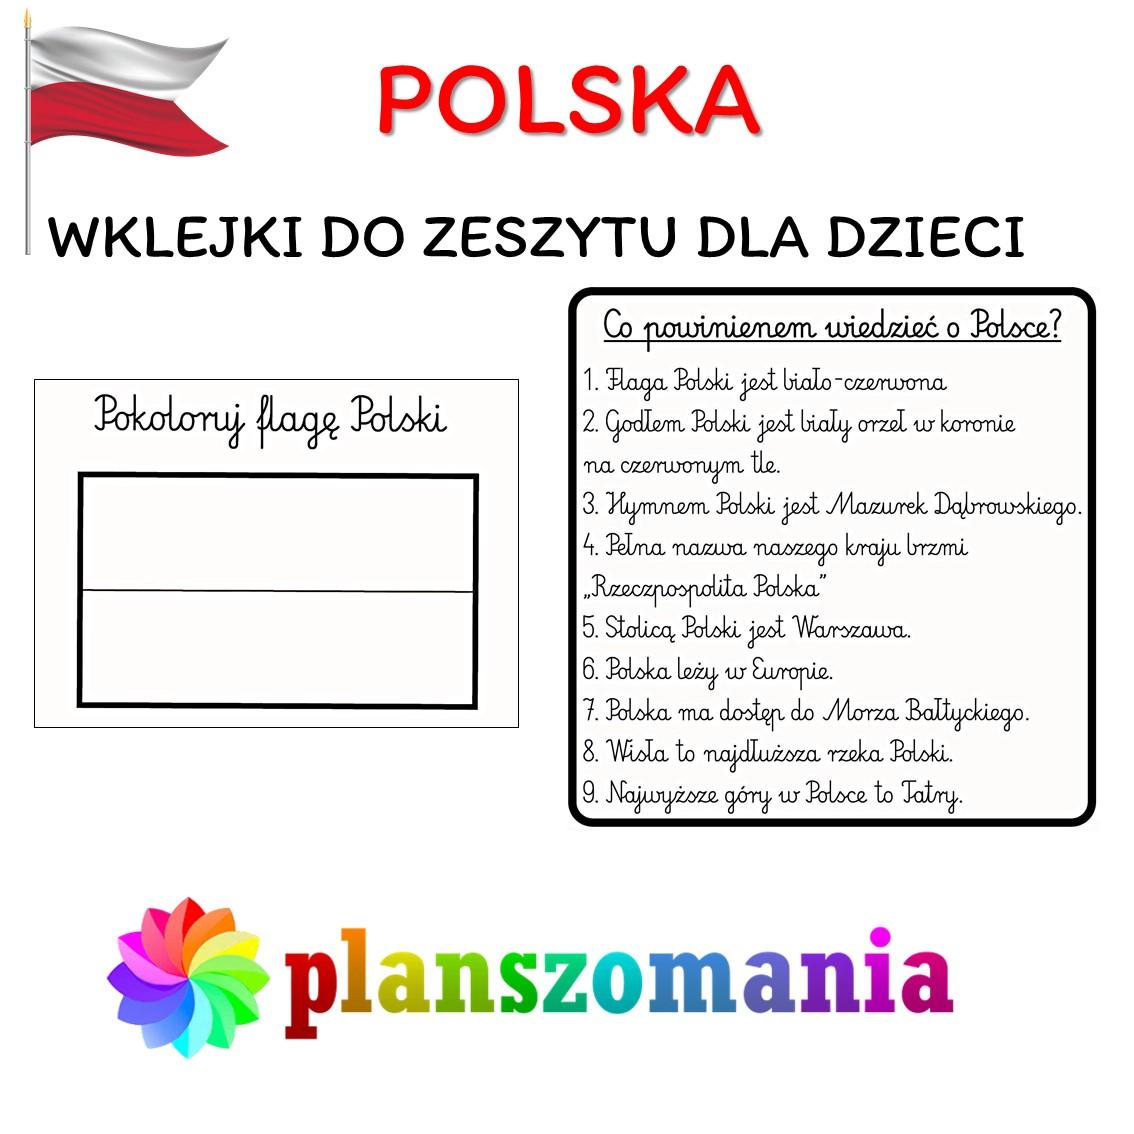 wklejki do zeszytu wklejki do pierwszej klasy pdf polska 3 maja święto narodowe materiały do druku